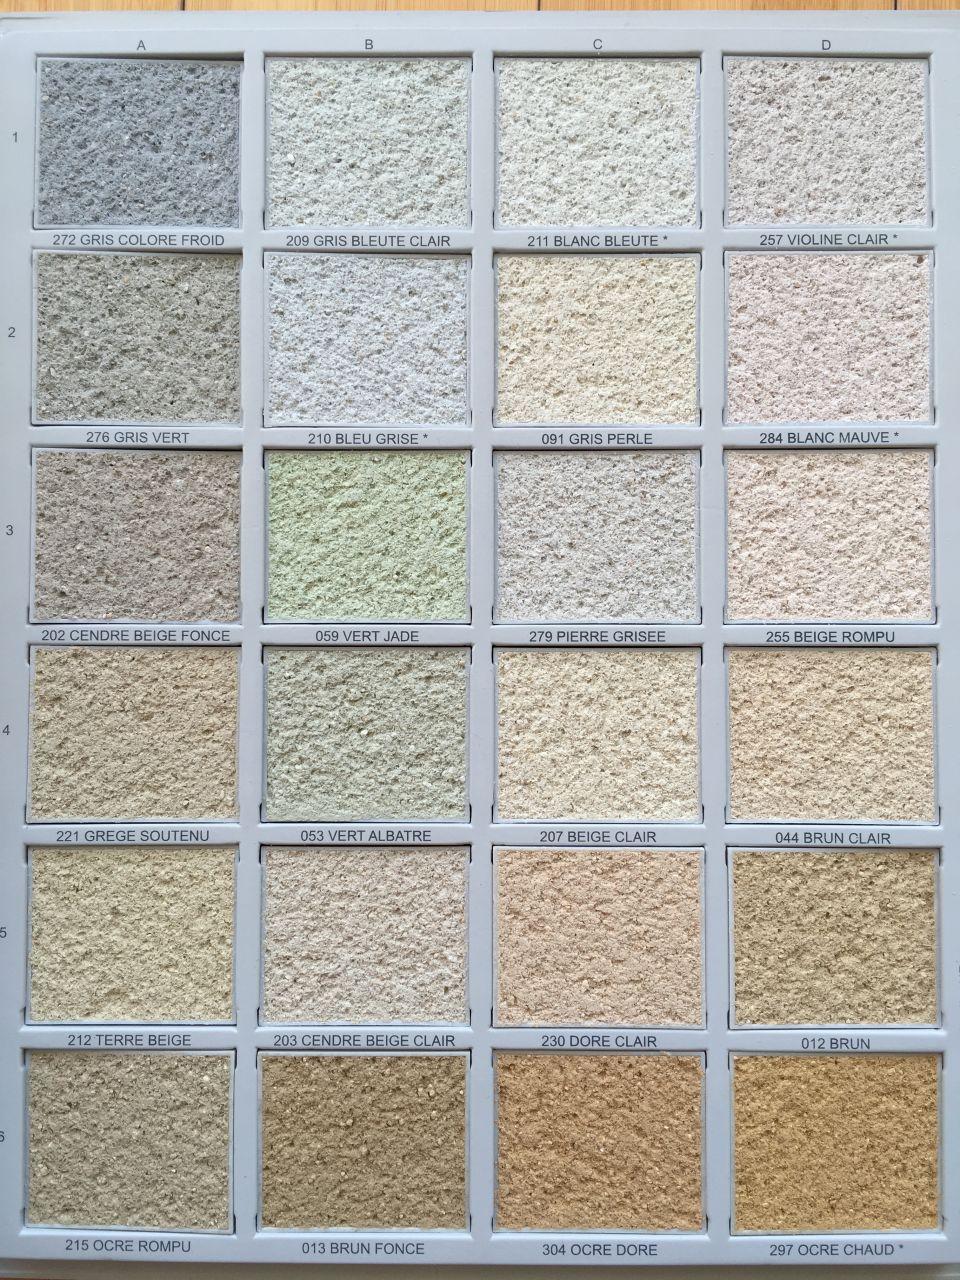 Berühmt Enduirama - aide pour choisir la couleur de votre enduit - 587  MI04